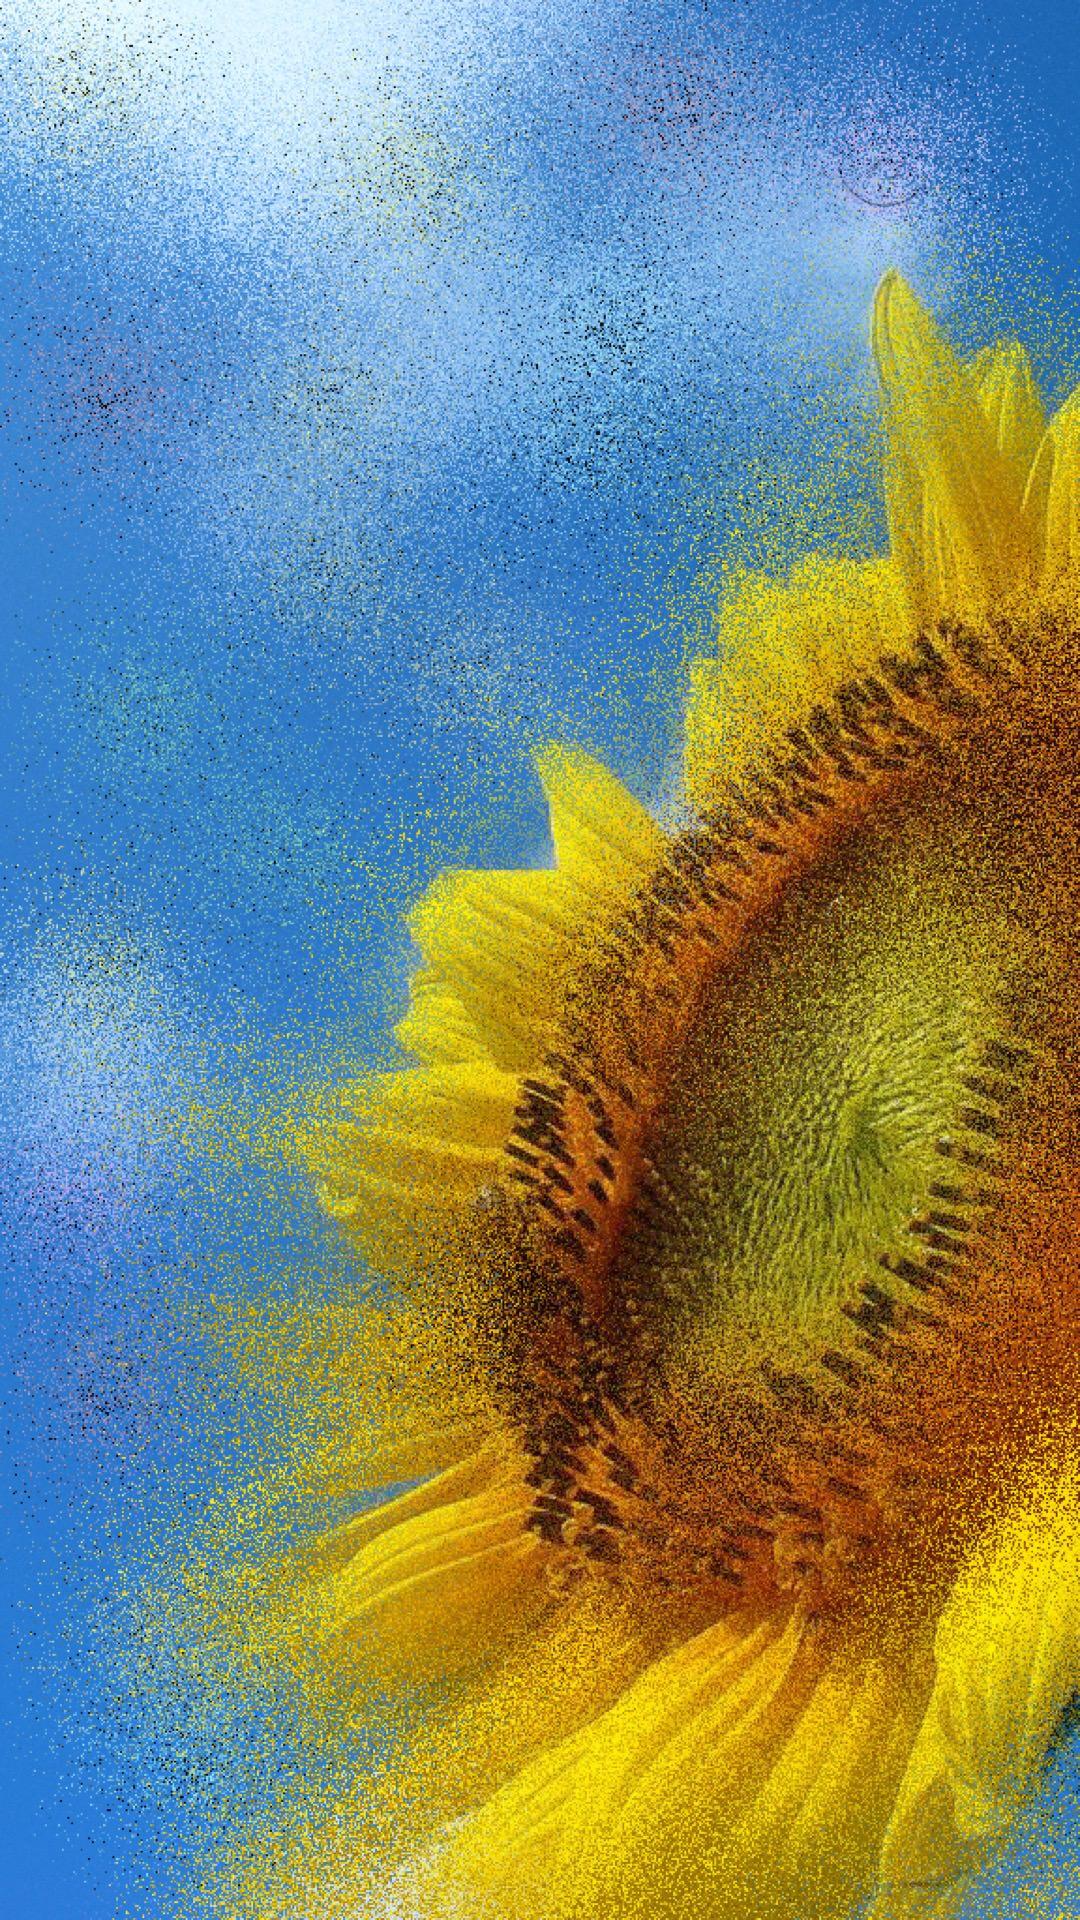 Sunflower sunflower wallpapersc iPhone7Plus 1080x1920